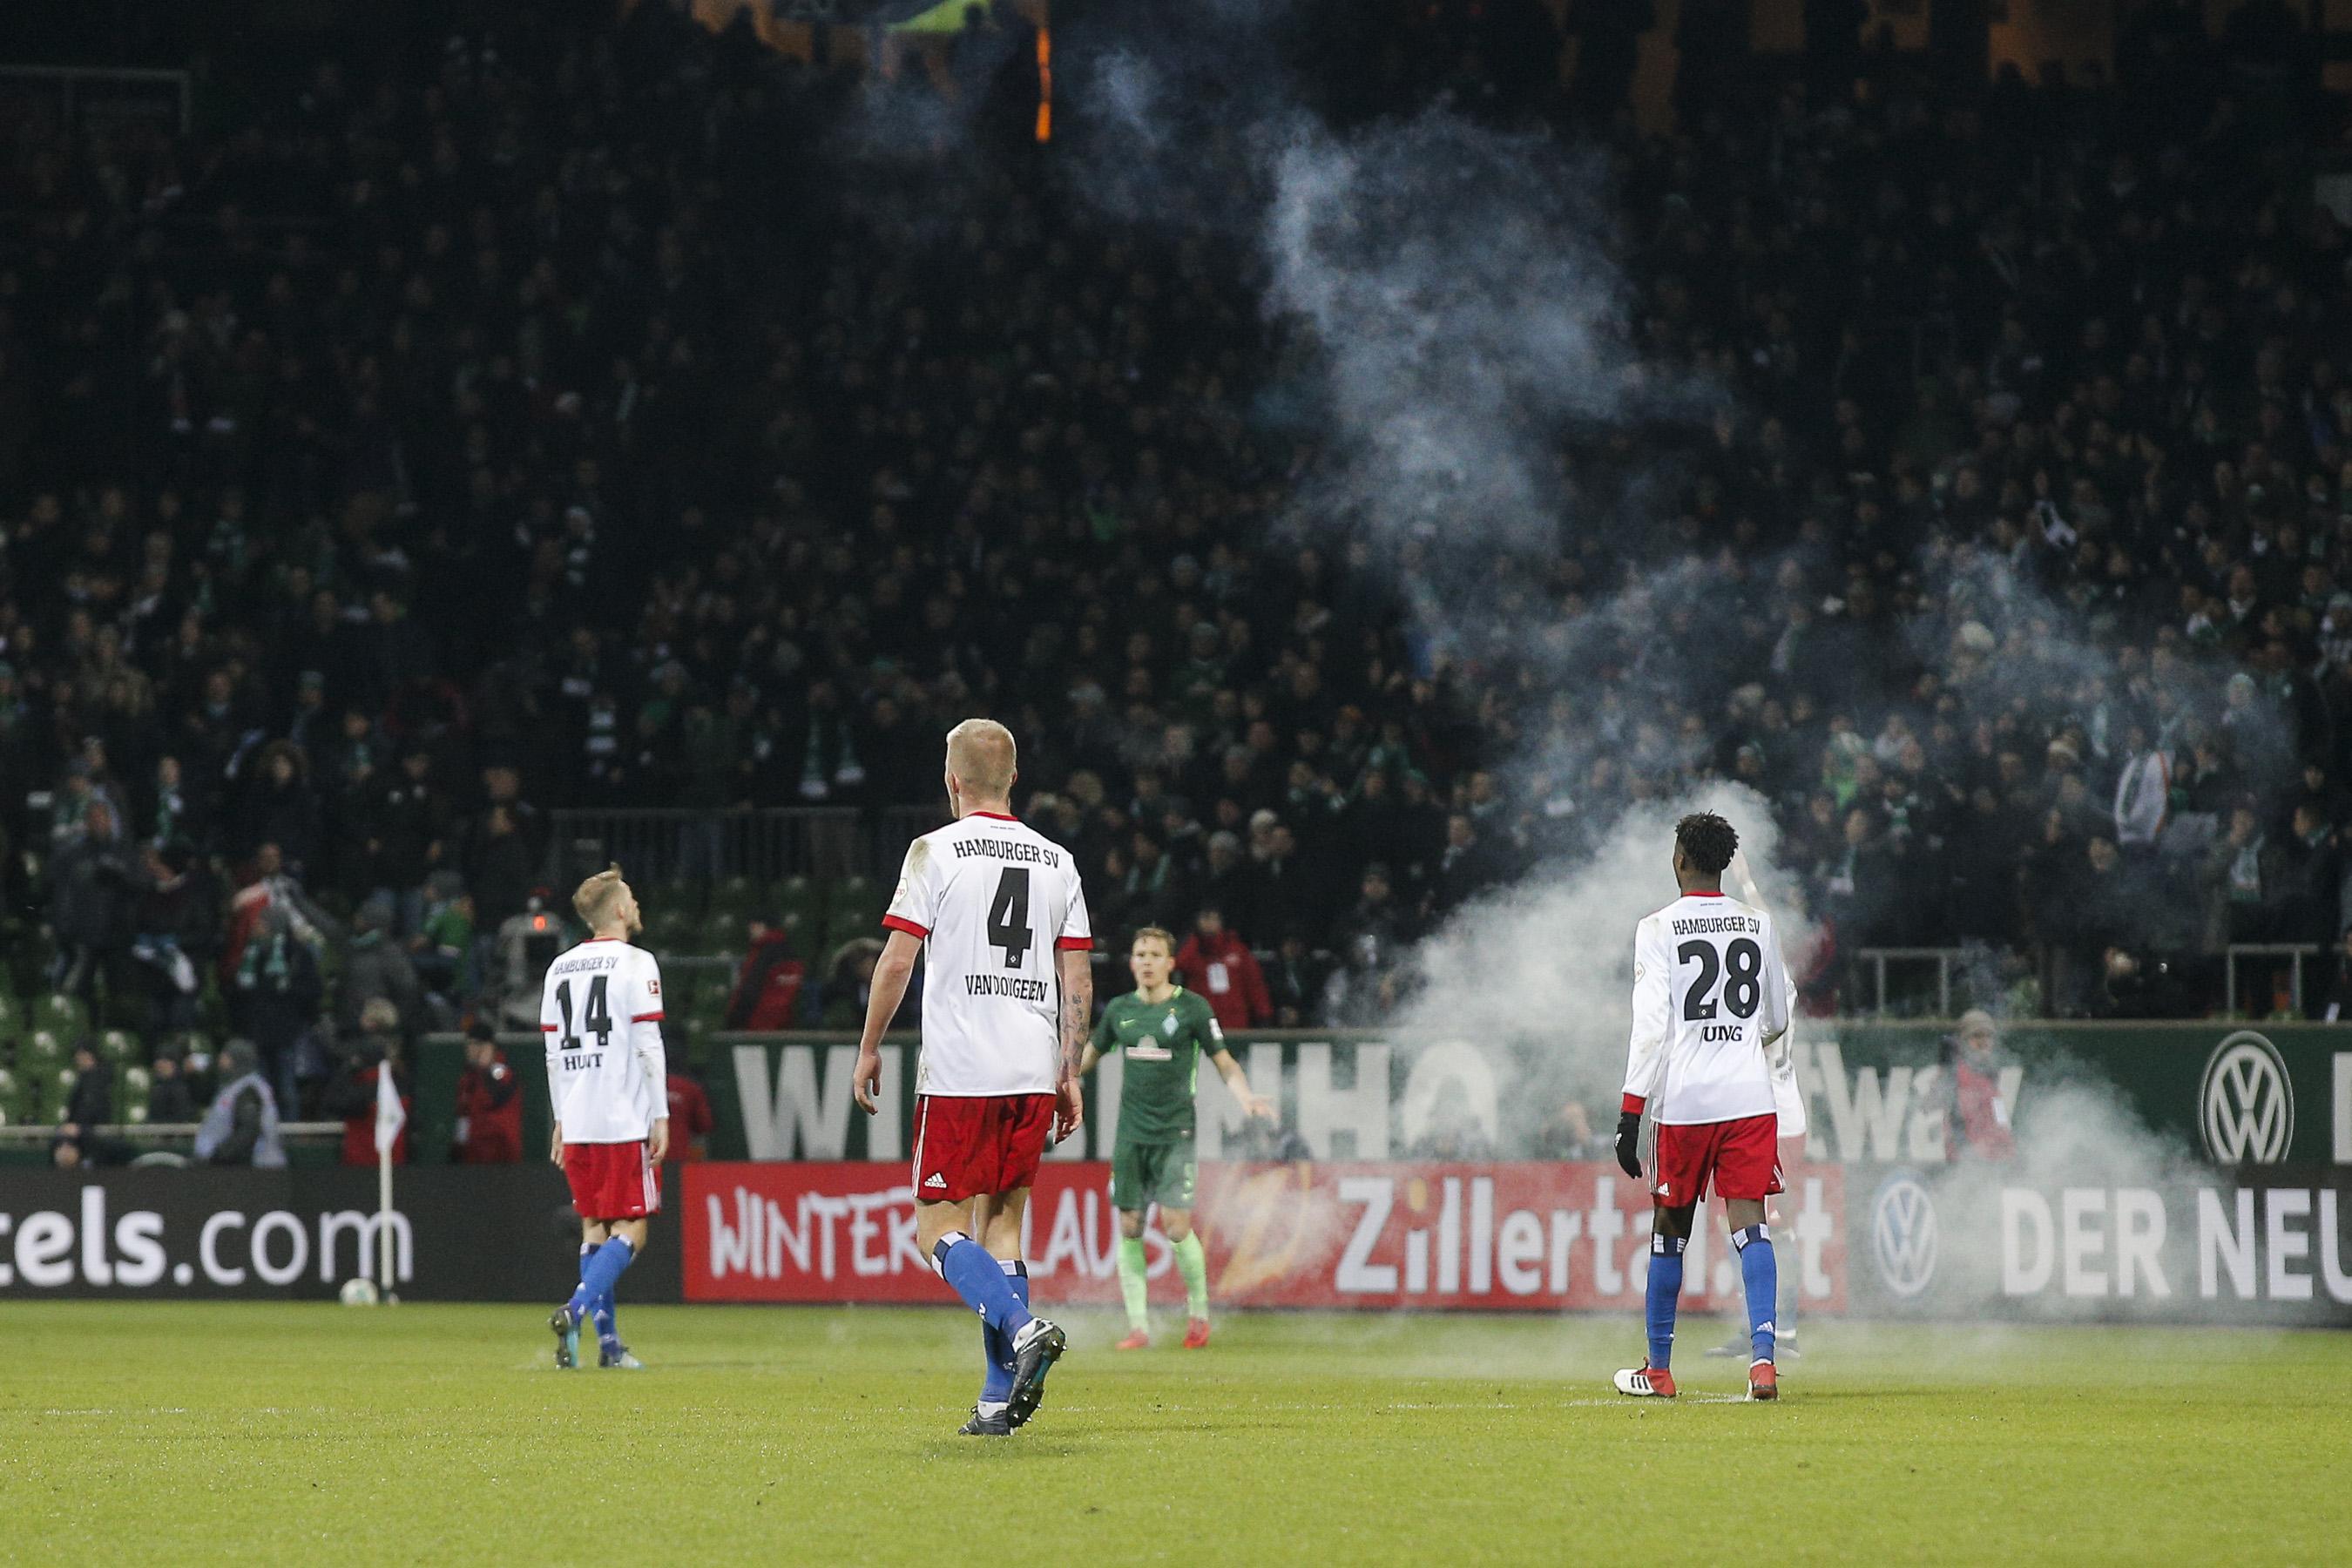 Die Hamburger Fans werfen Brandsätze auf das Feld.